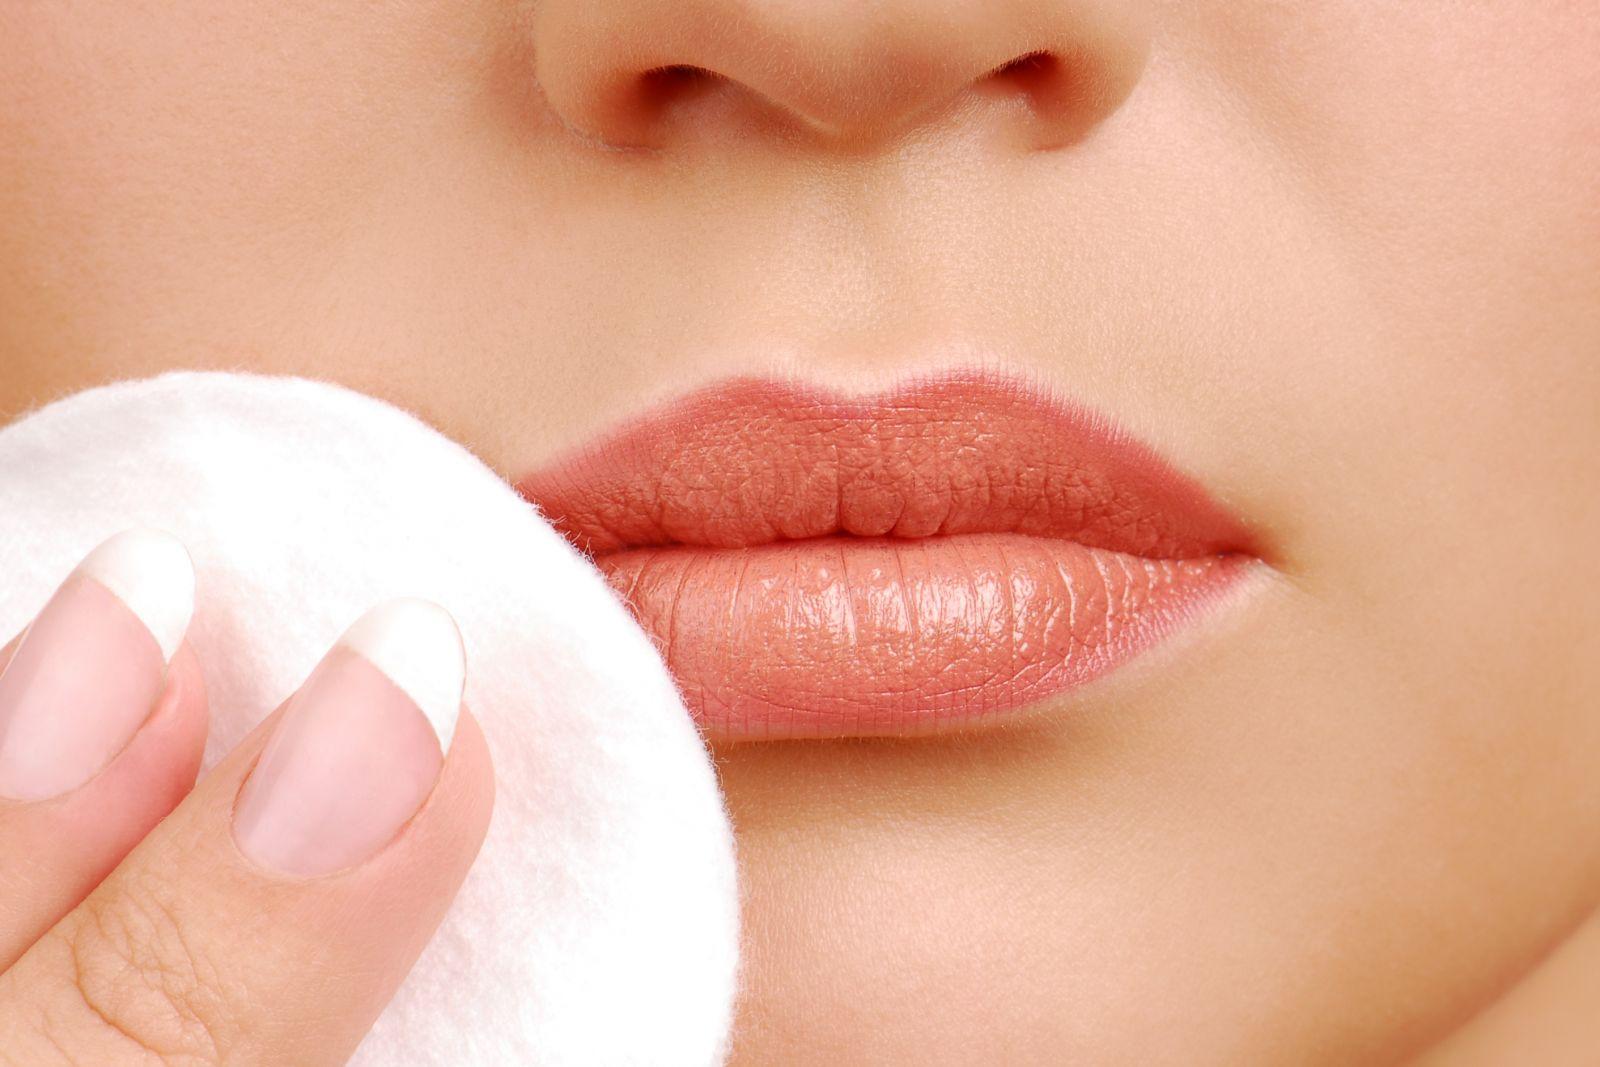 chăm sóc môi sau phun xăm 1